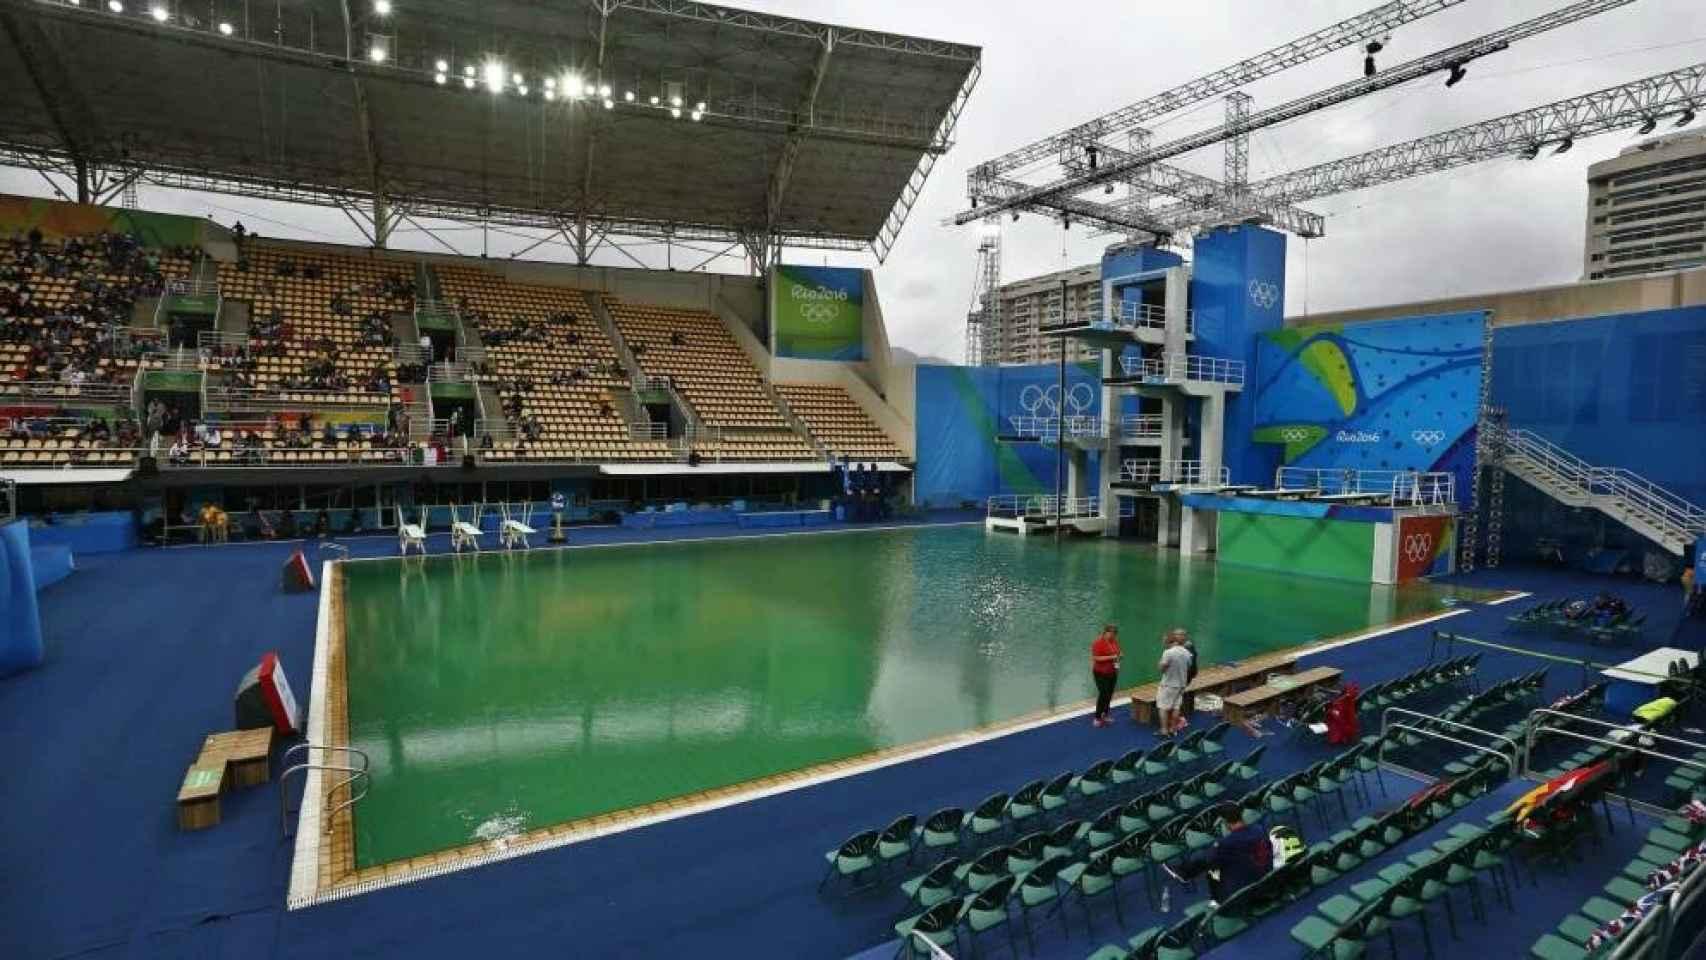 La piscina de saltos de Río 2016.